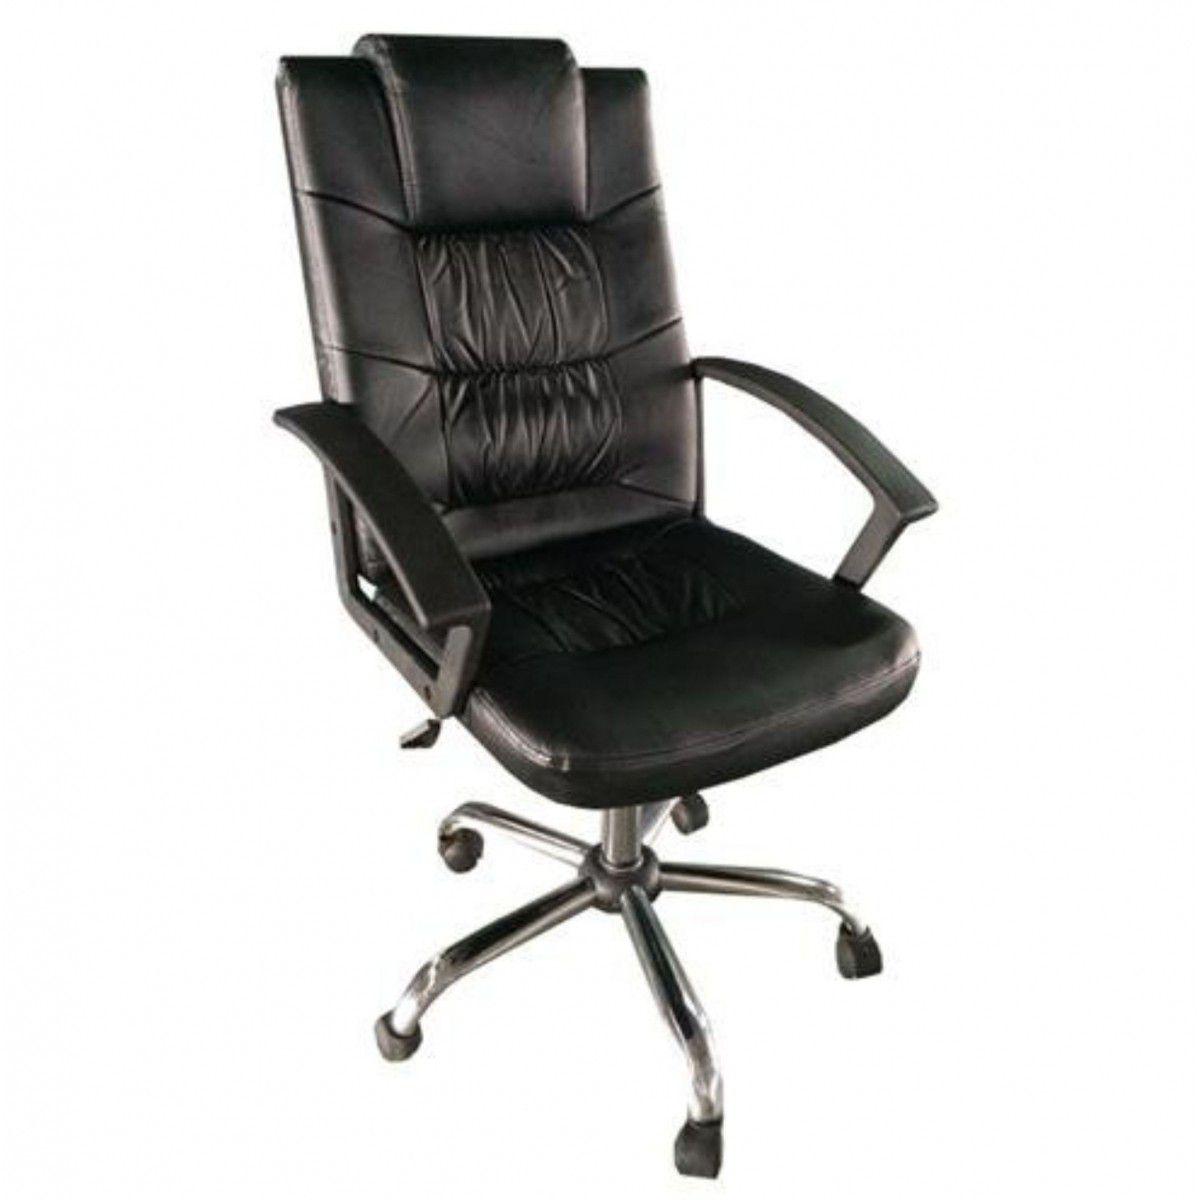 Cadeira Presidente Giratória Couro Pu Preta Pelegrin - PEL-8208H